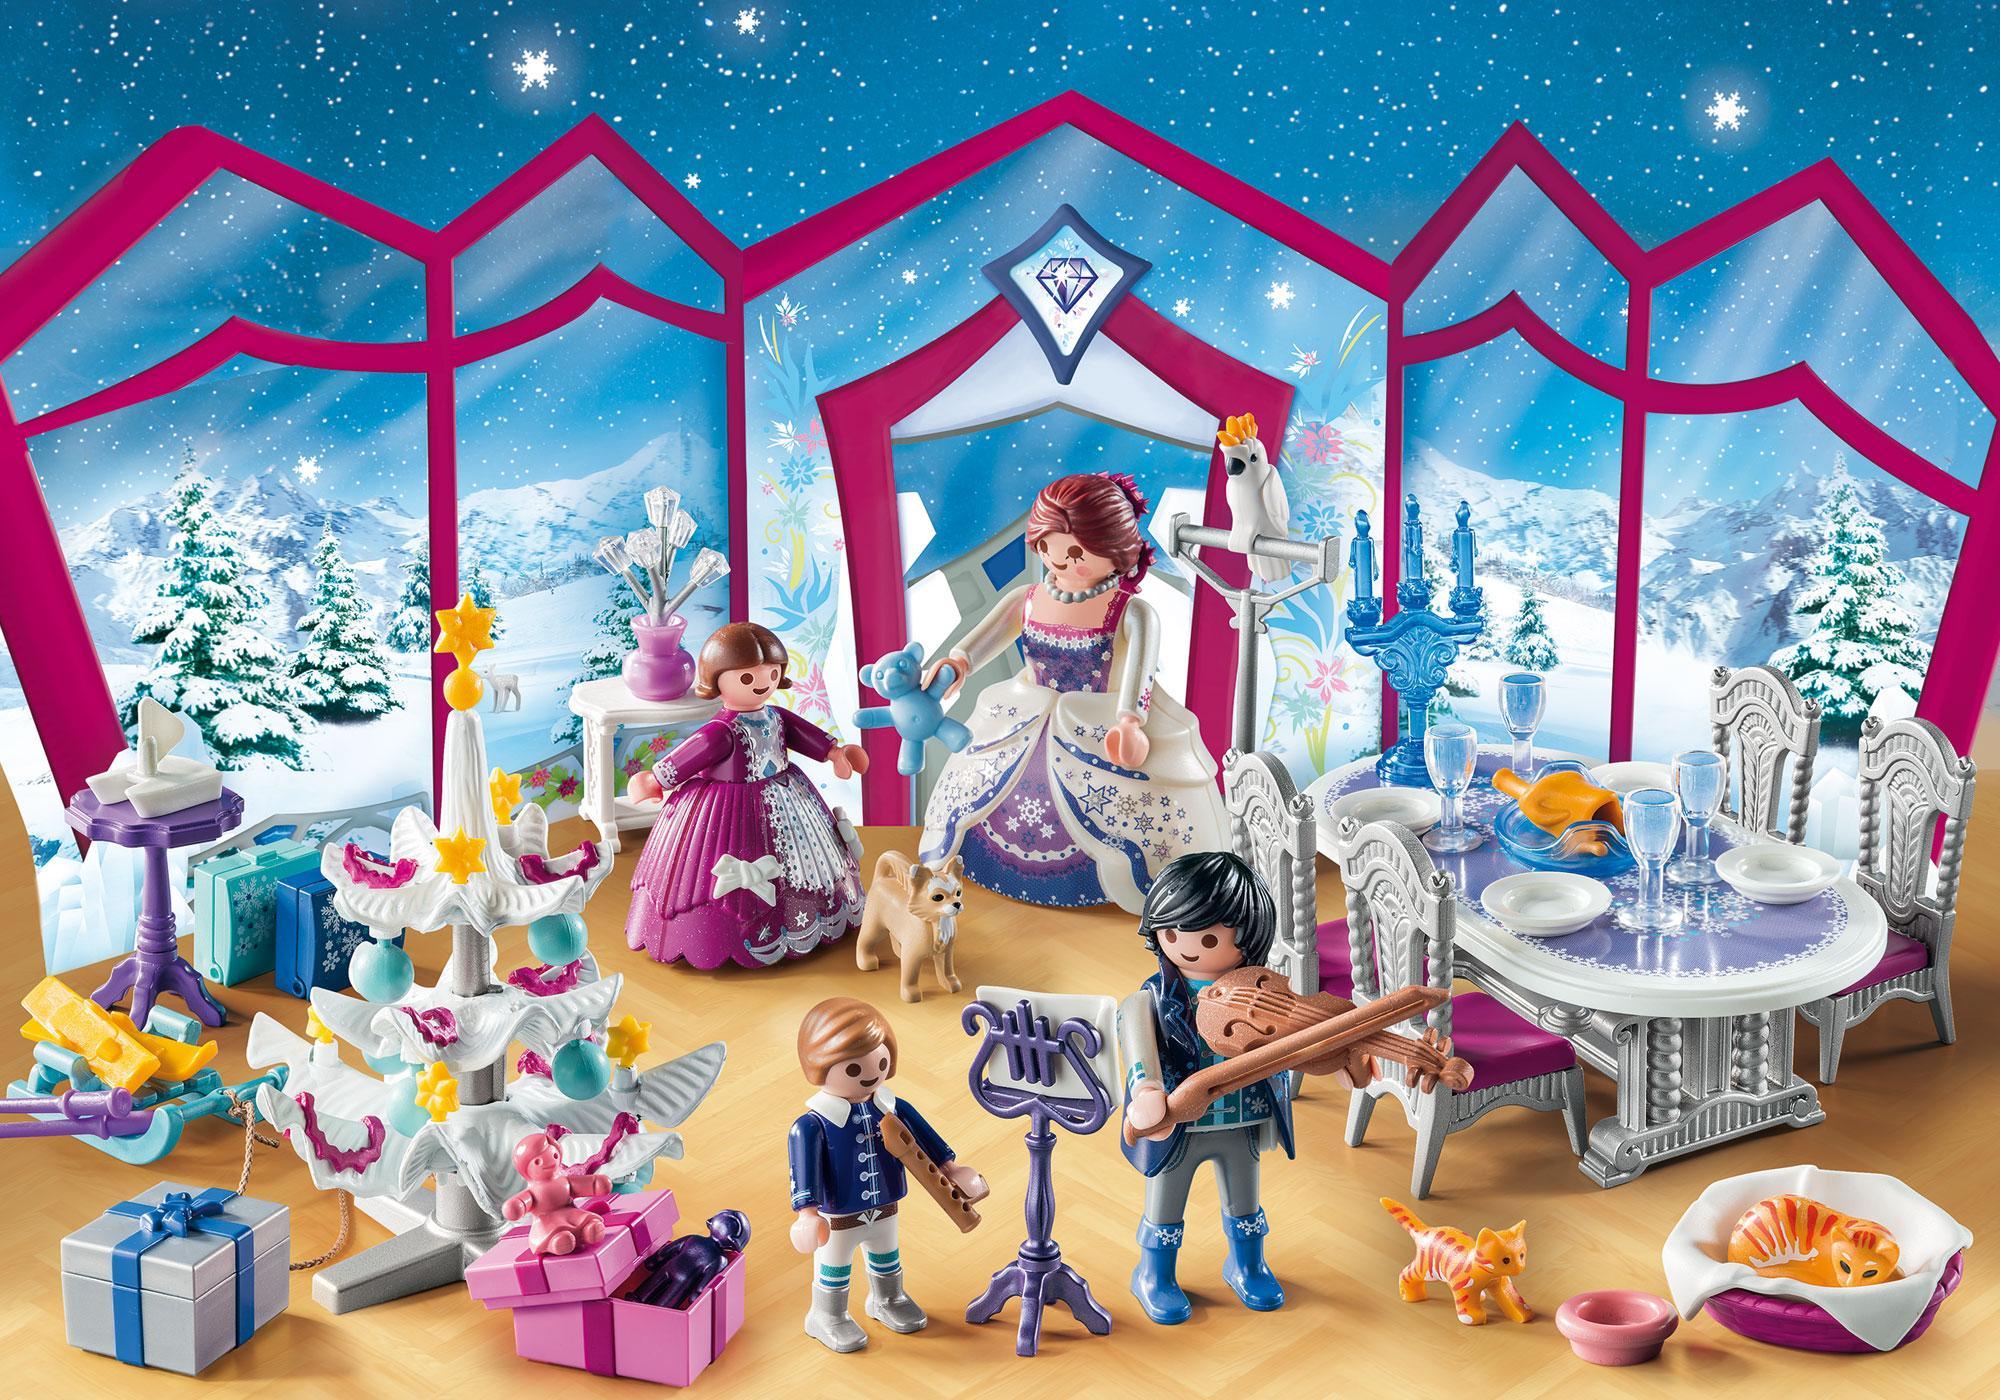 """http://media.playmobil.com/i/playmobil/9485_product_extra1/Adventskalender """"Weihnachtsball im Kristallsaal"""""""